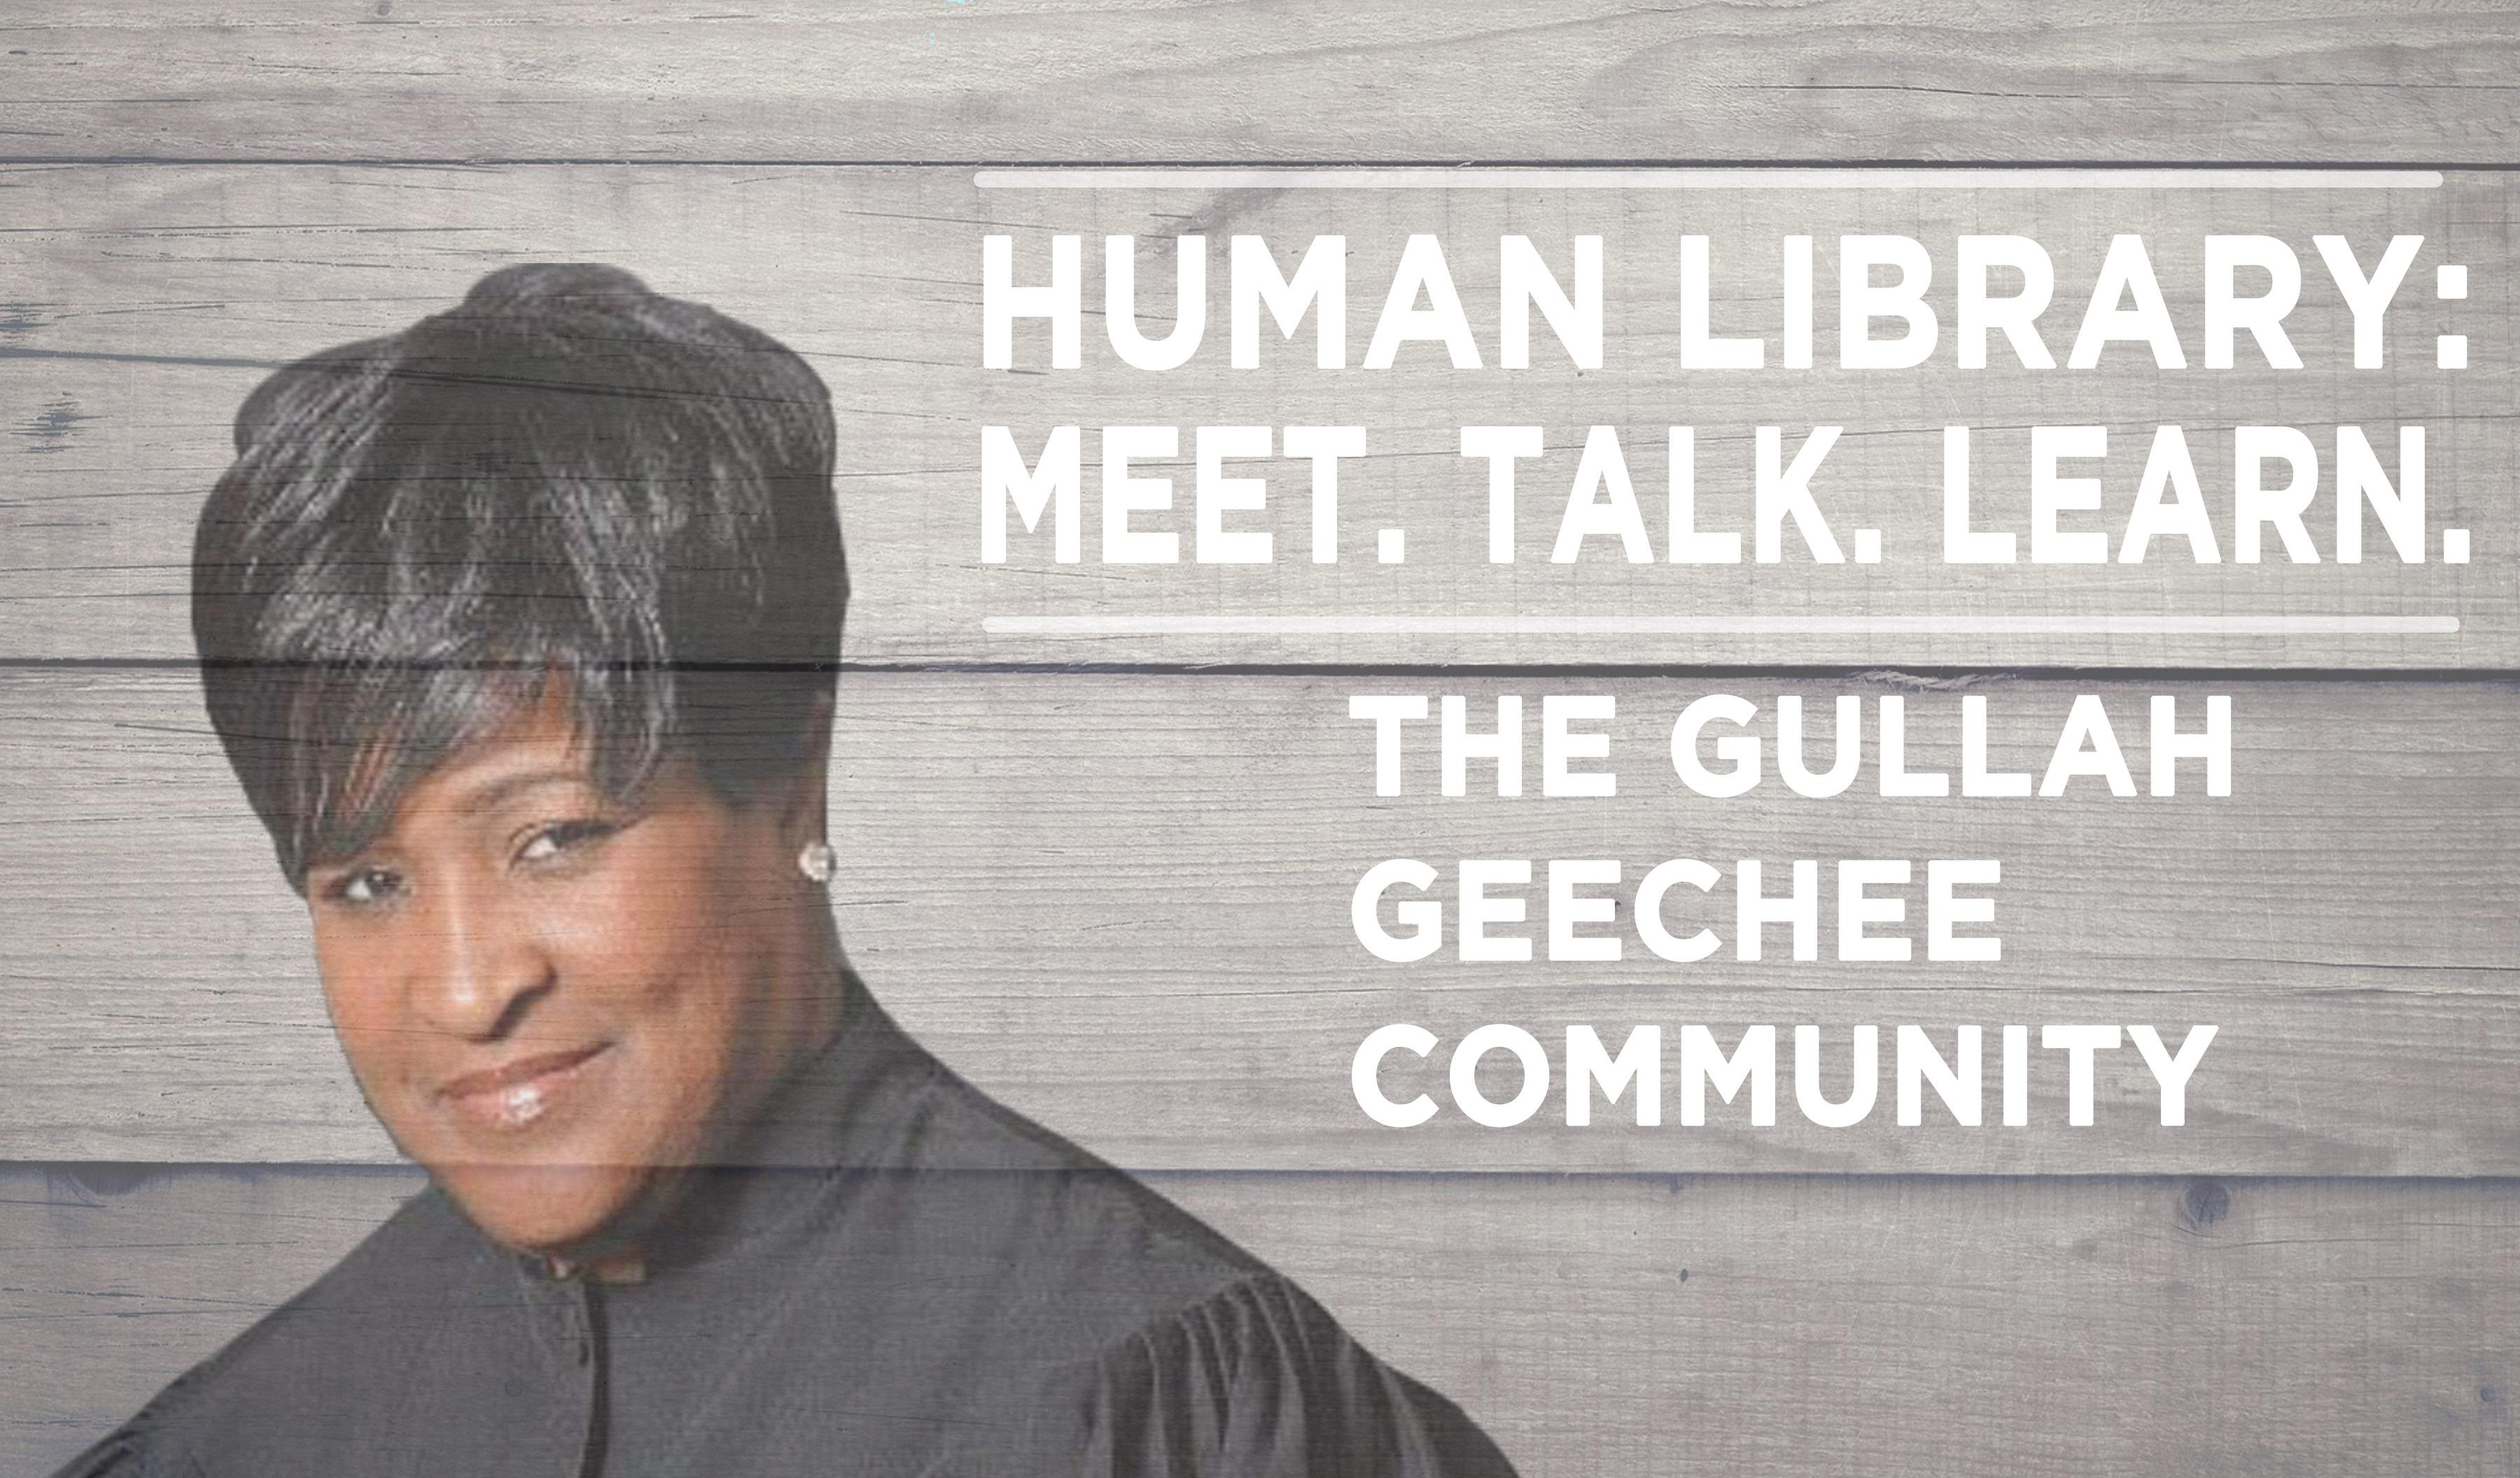 Human Library Logo2 - Gullah Geechee